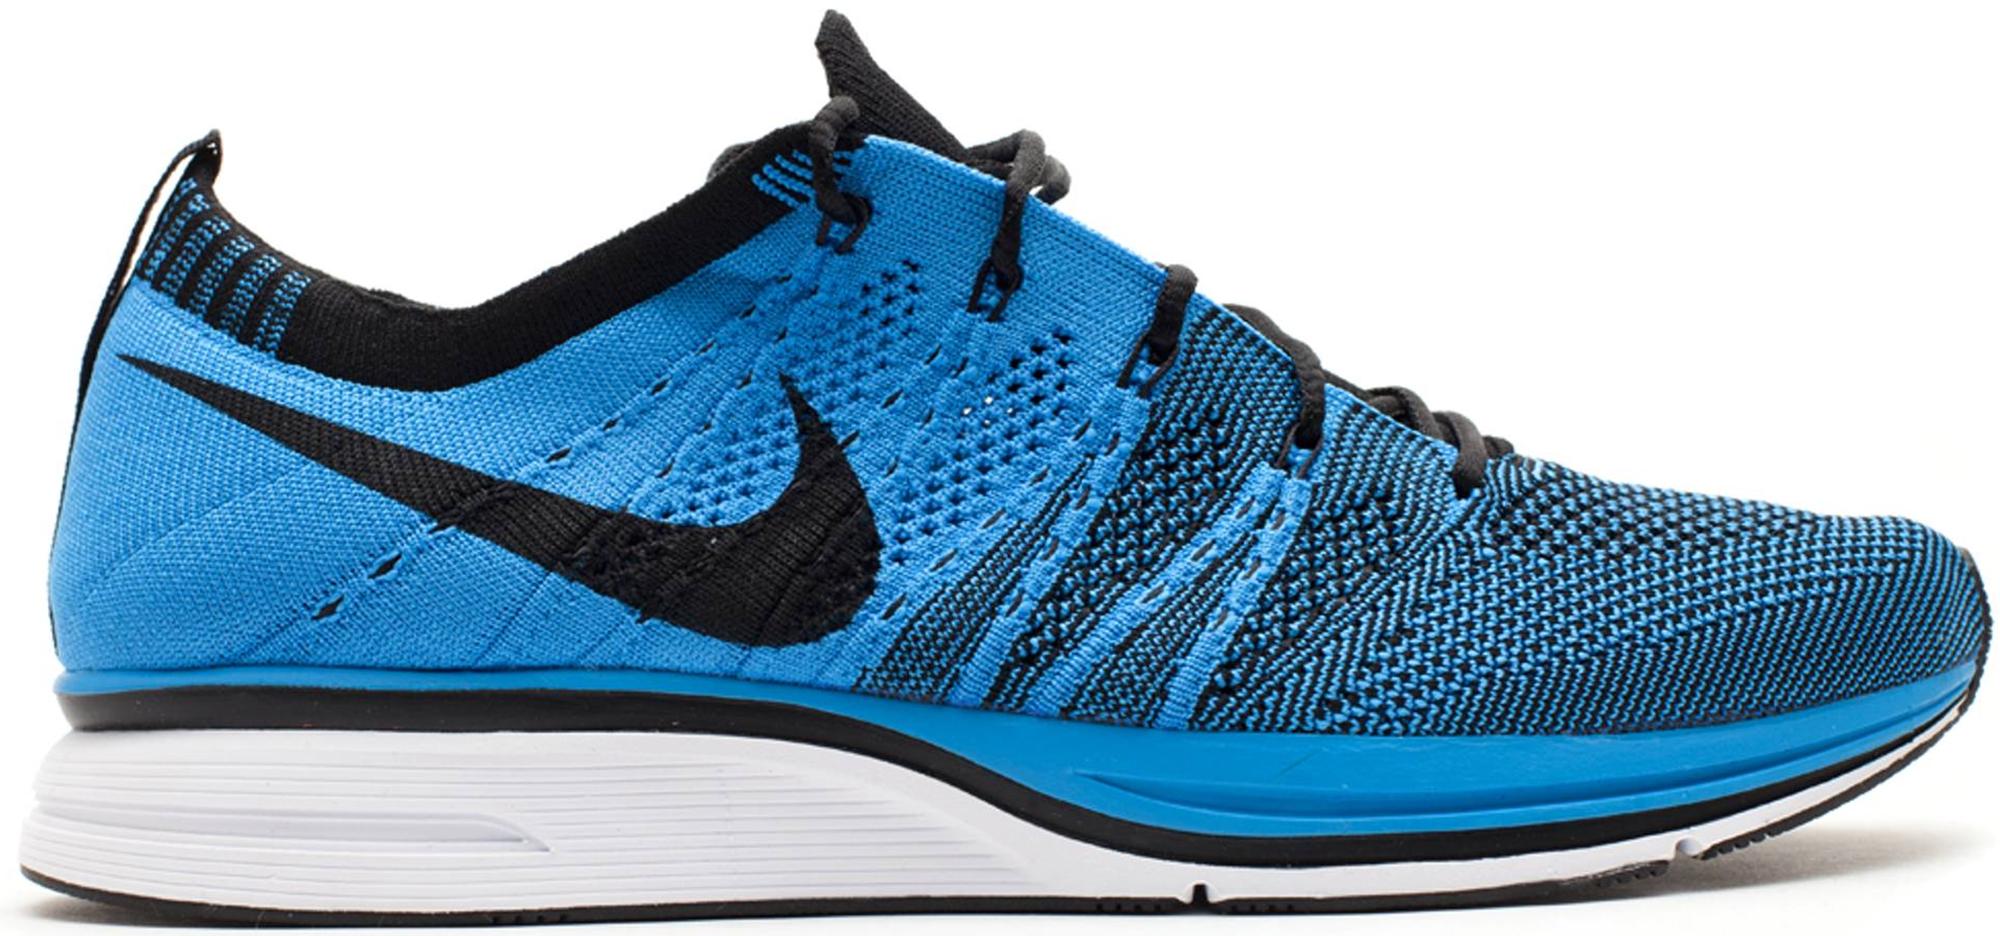 Nike Flyknit Trainer+ Blue Glow